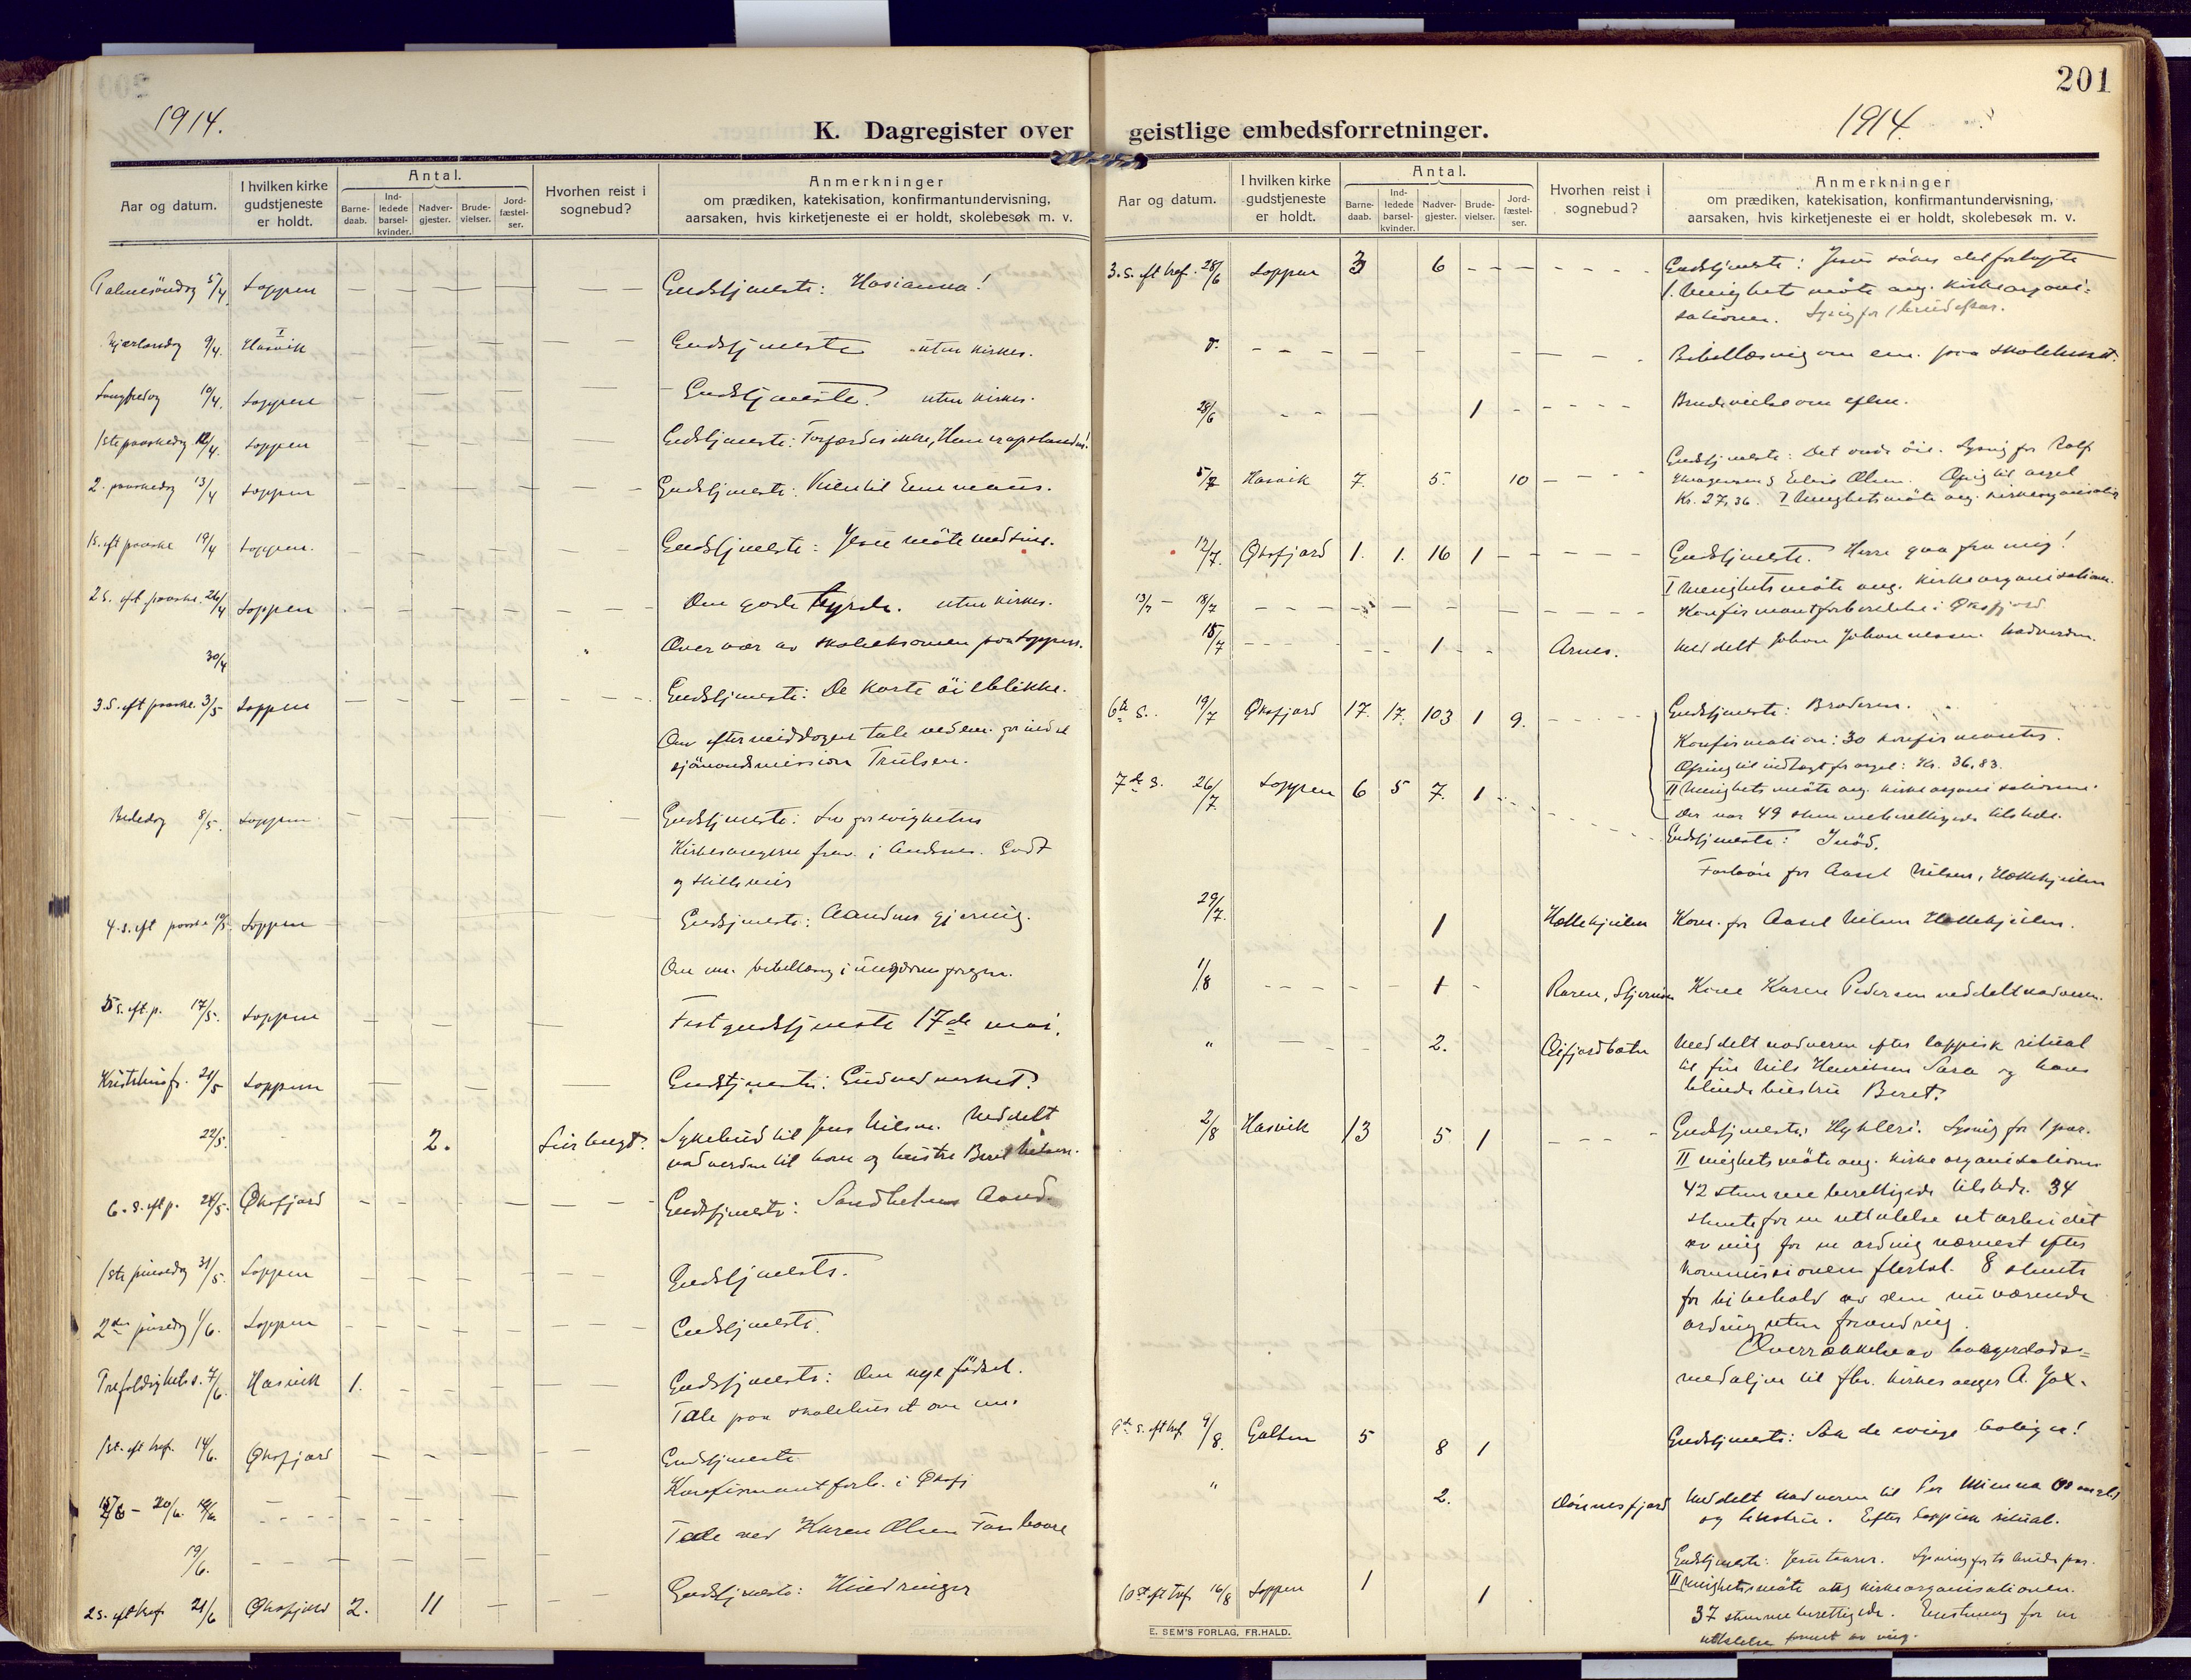 SATØ, Loppa sokneprestkontor, H/Ha/L0011kirke: Ministerialbok nr. 11, 1909-1919, s. 201